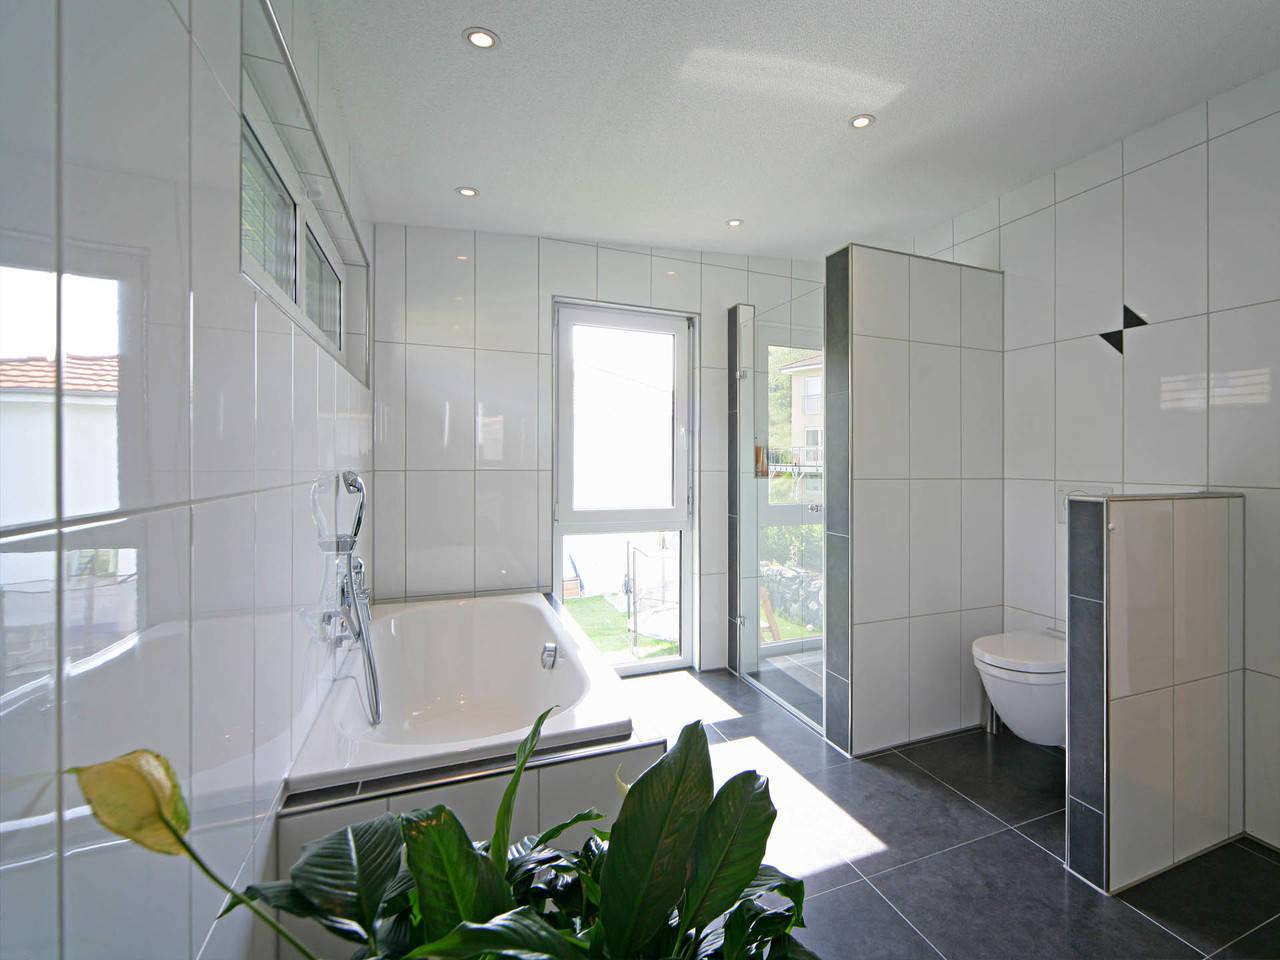 Haus Munk Badezimmer Fertighaus Weiss